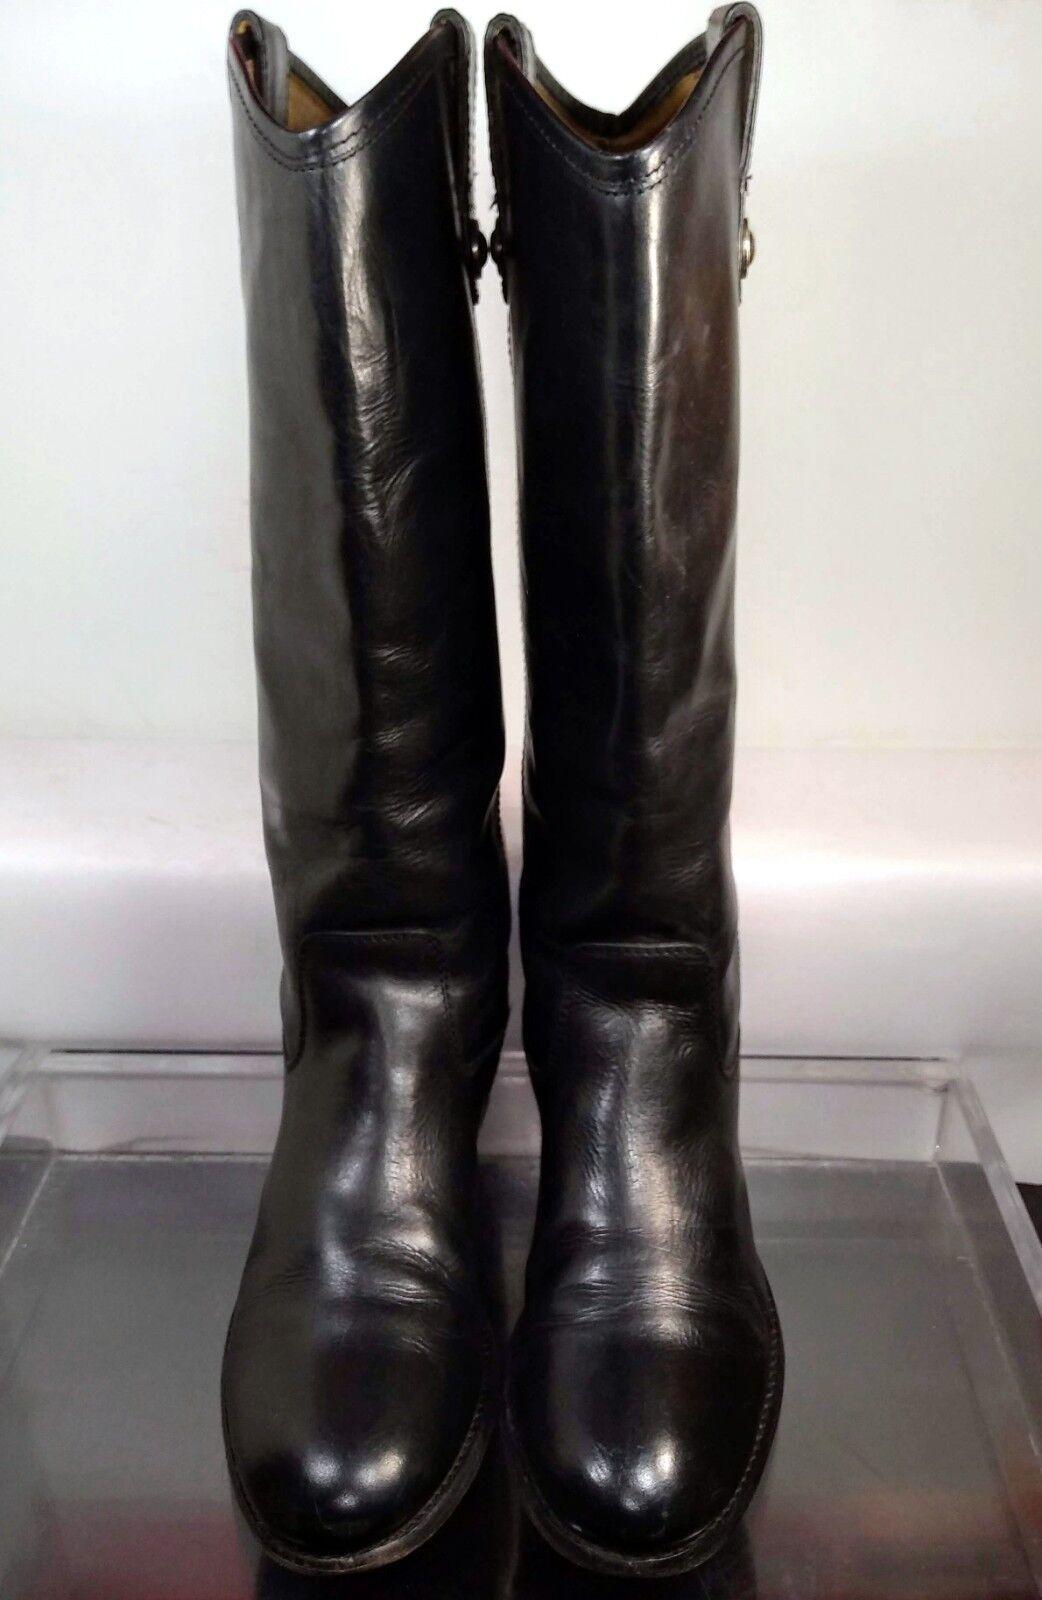 Frye Melissa Button Negro Suave Vintag botas de de de Montar 7.5 EE. UU. hecho En México 3477167  compras de moda online